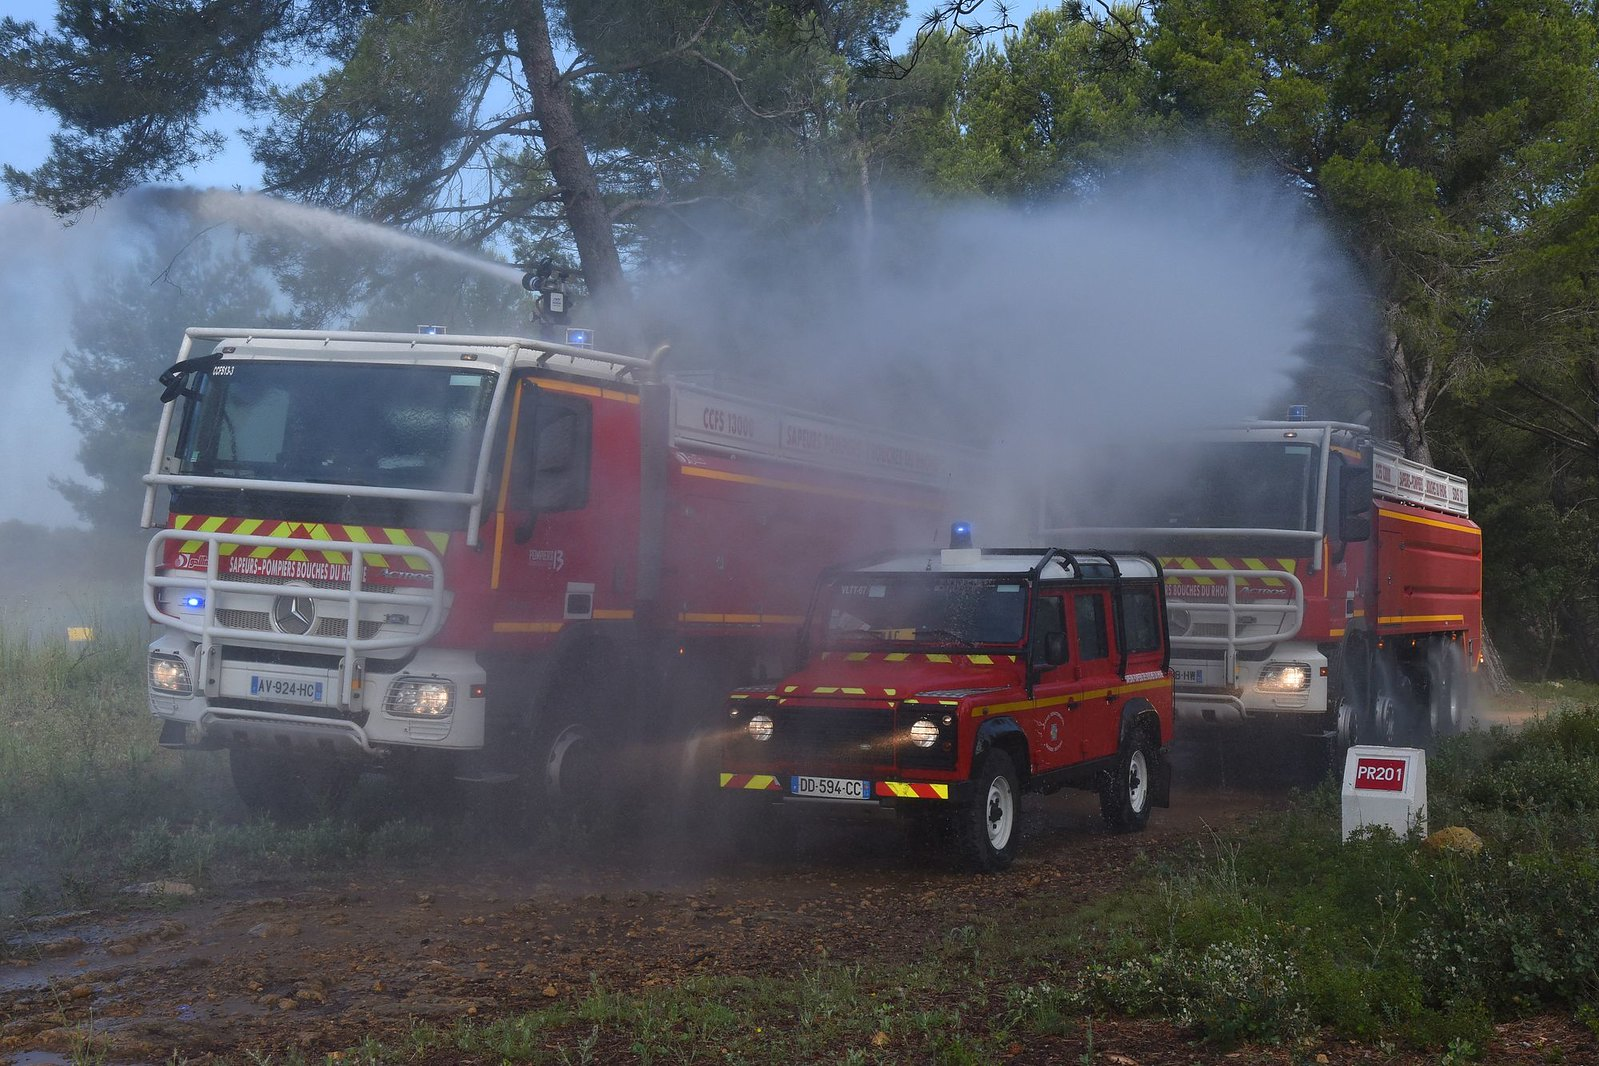 Les Pompiers13 en ordre de marche pour la saison estivale